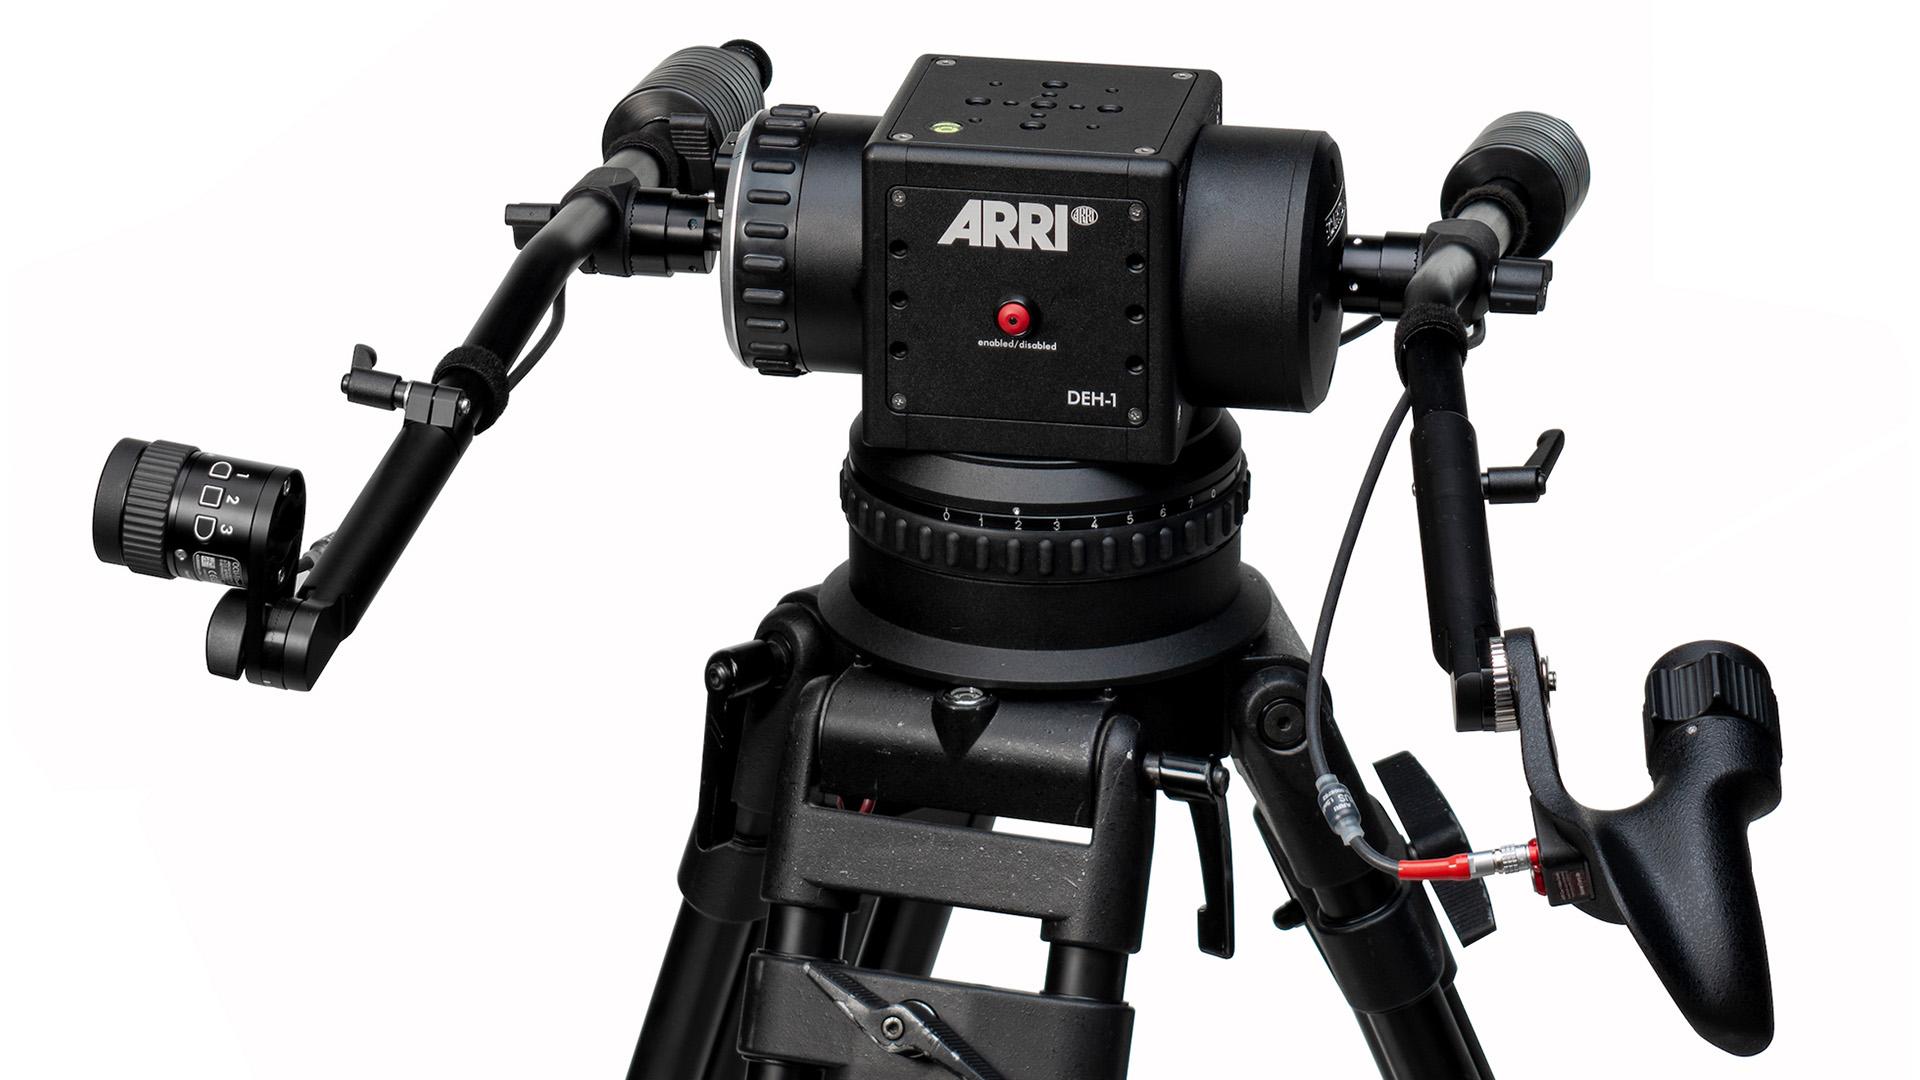 ARRI anuncia el cabezal codificador digital DEH-1